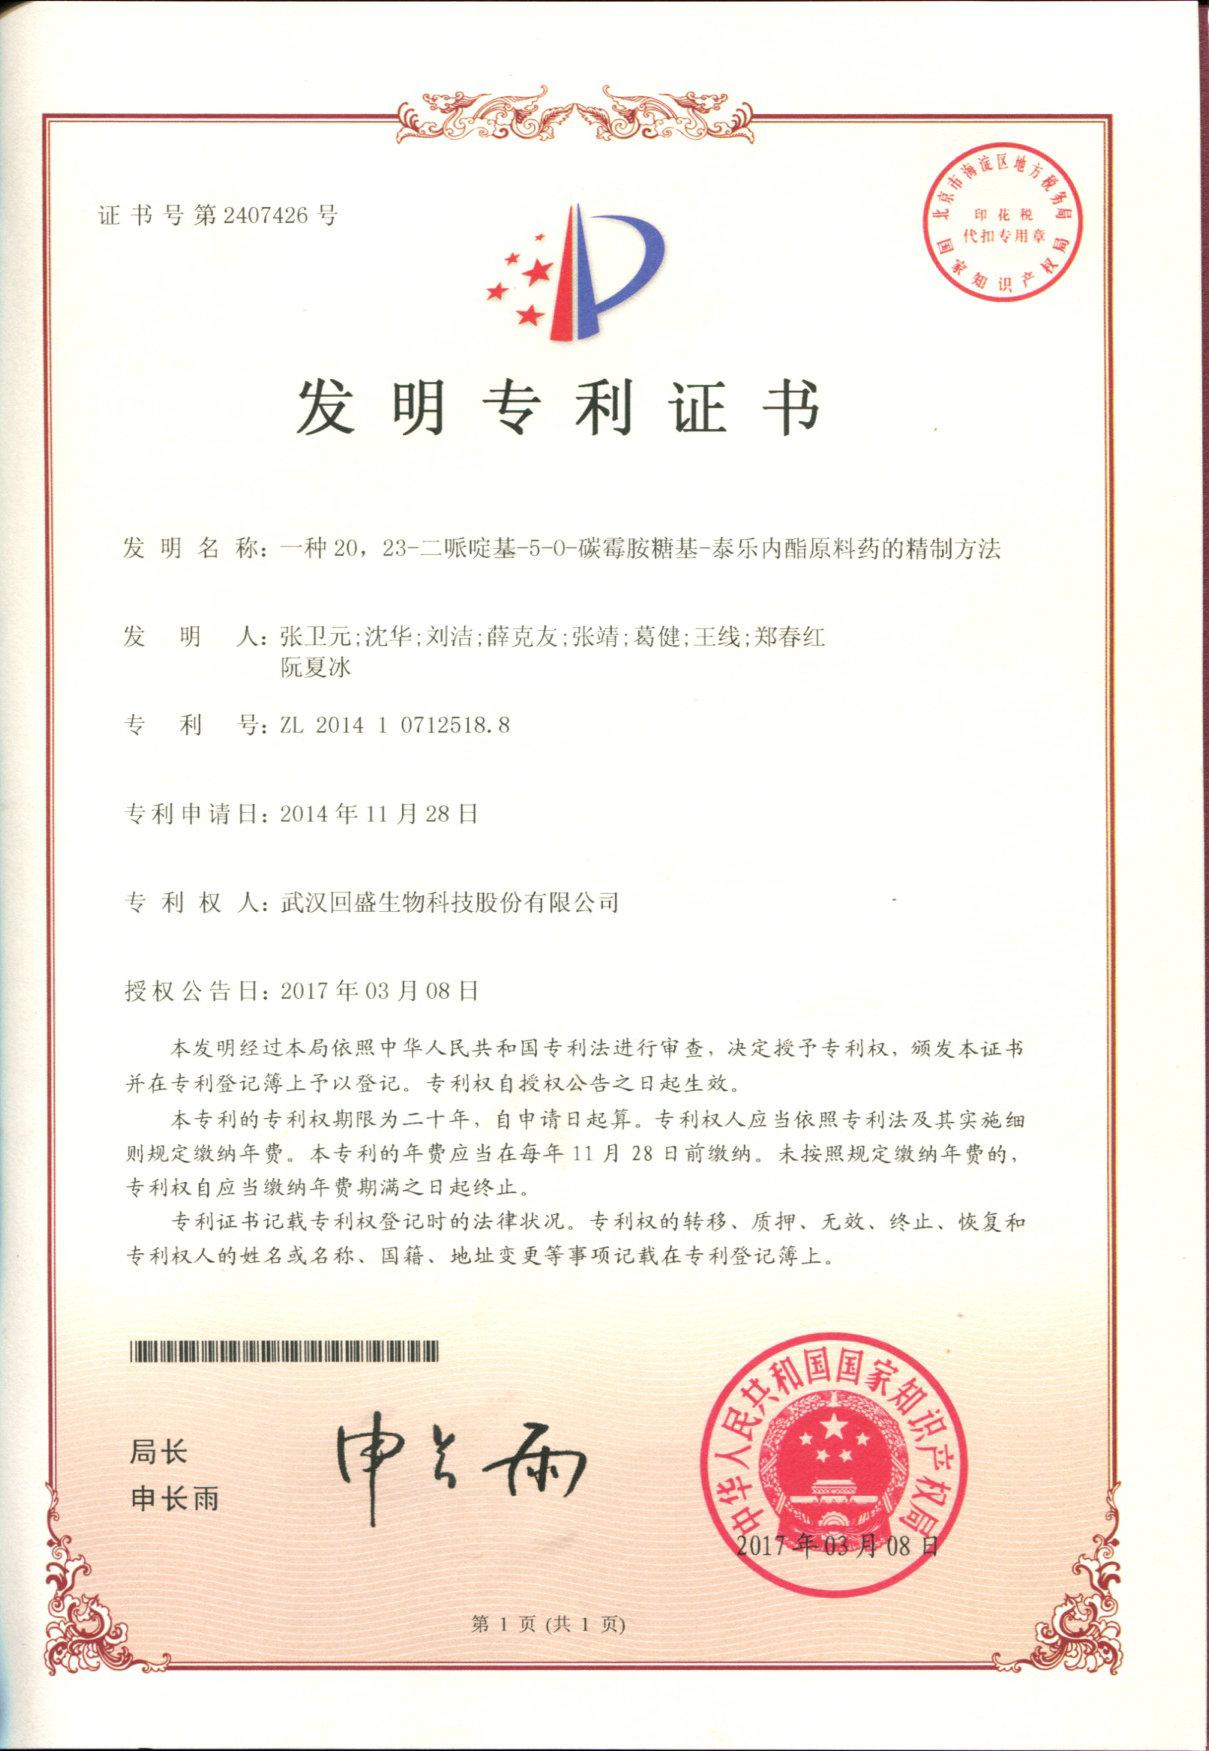 一种20,23-二哌啶基-5-0-碳霉胺糖基-泰乐内脂原料药的精制方法